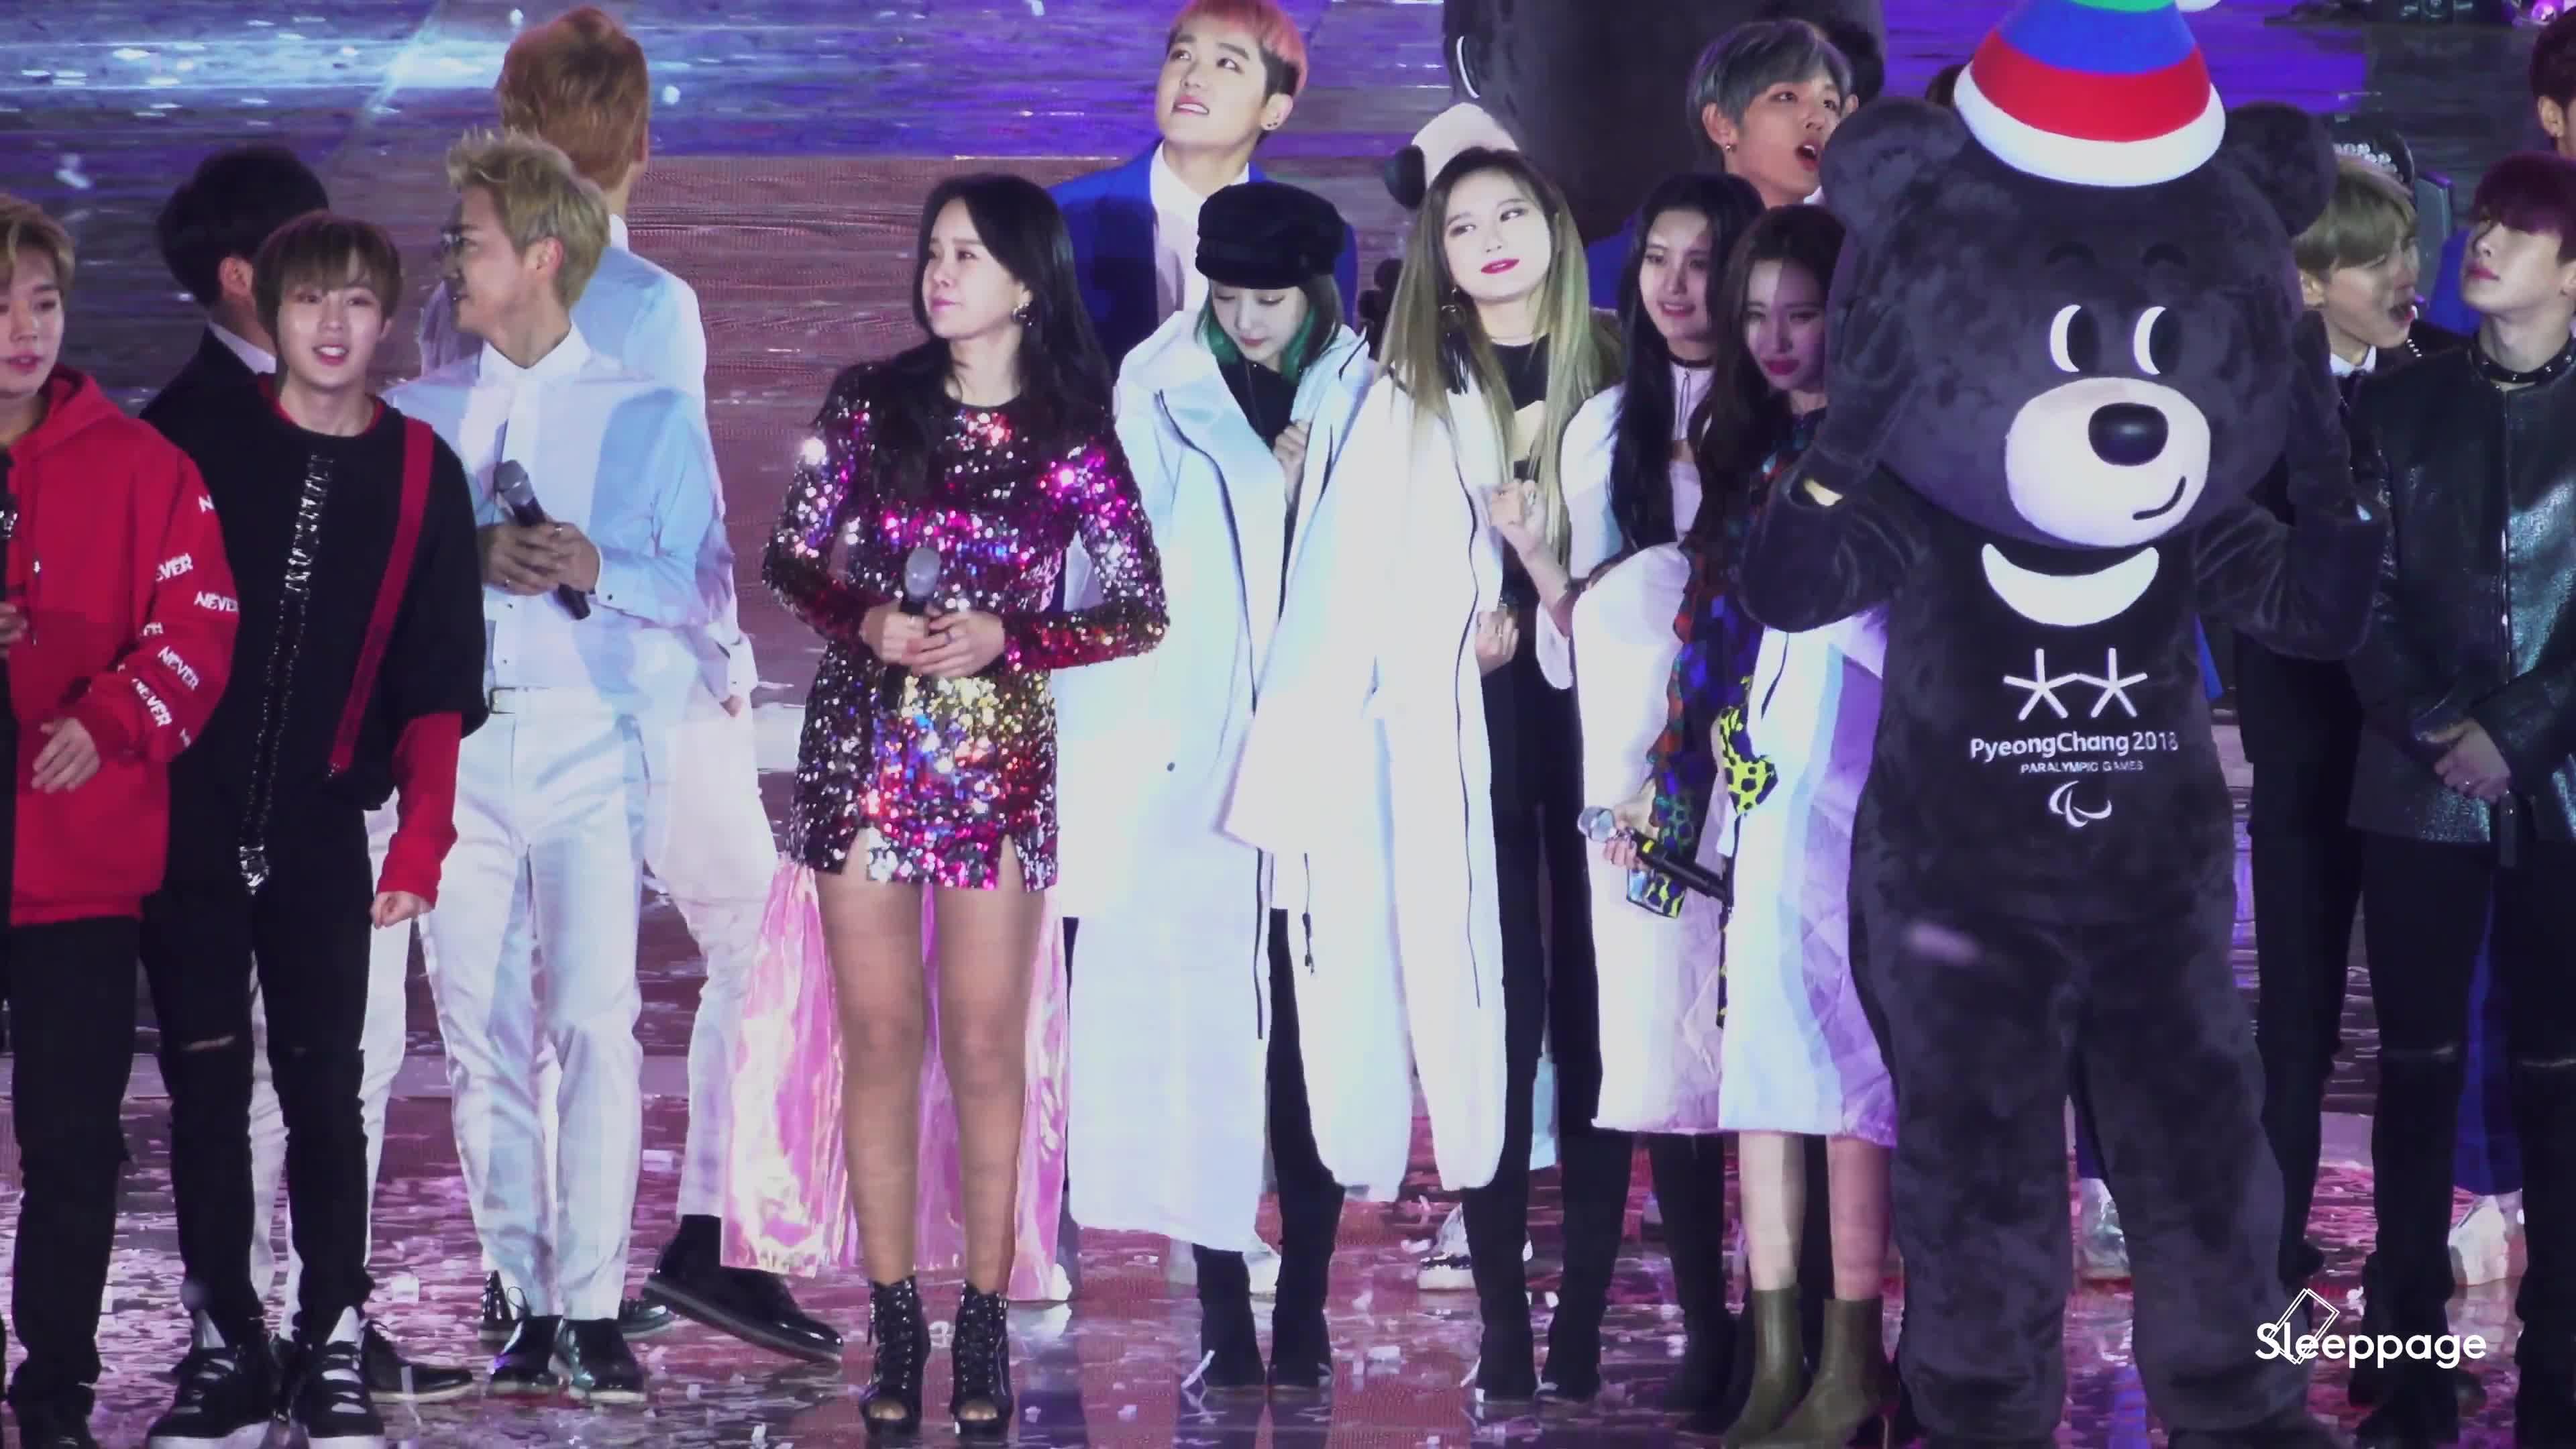 Fan tan chảy trước khoảnh khắc áo khoác chia đôi của 2 nữ thần Hani (EXID) và Sunmi ảnh 9